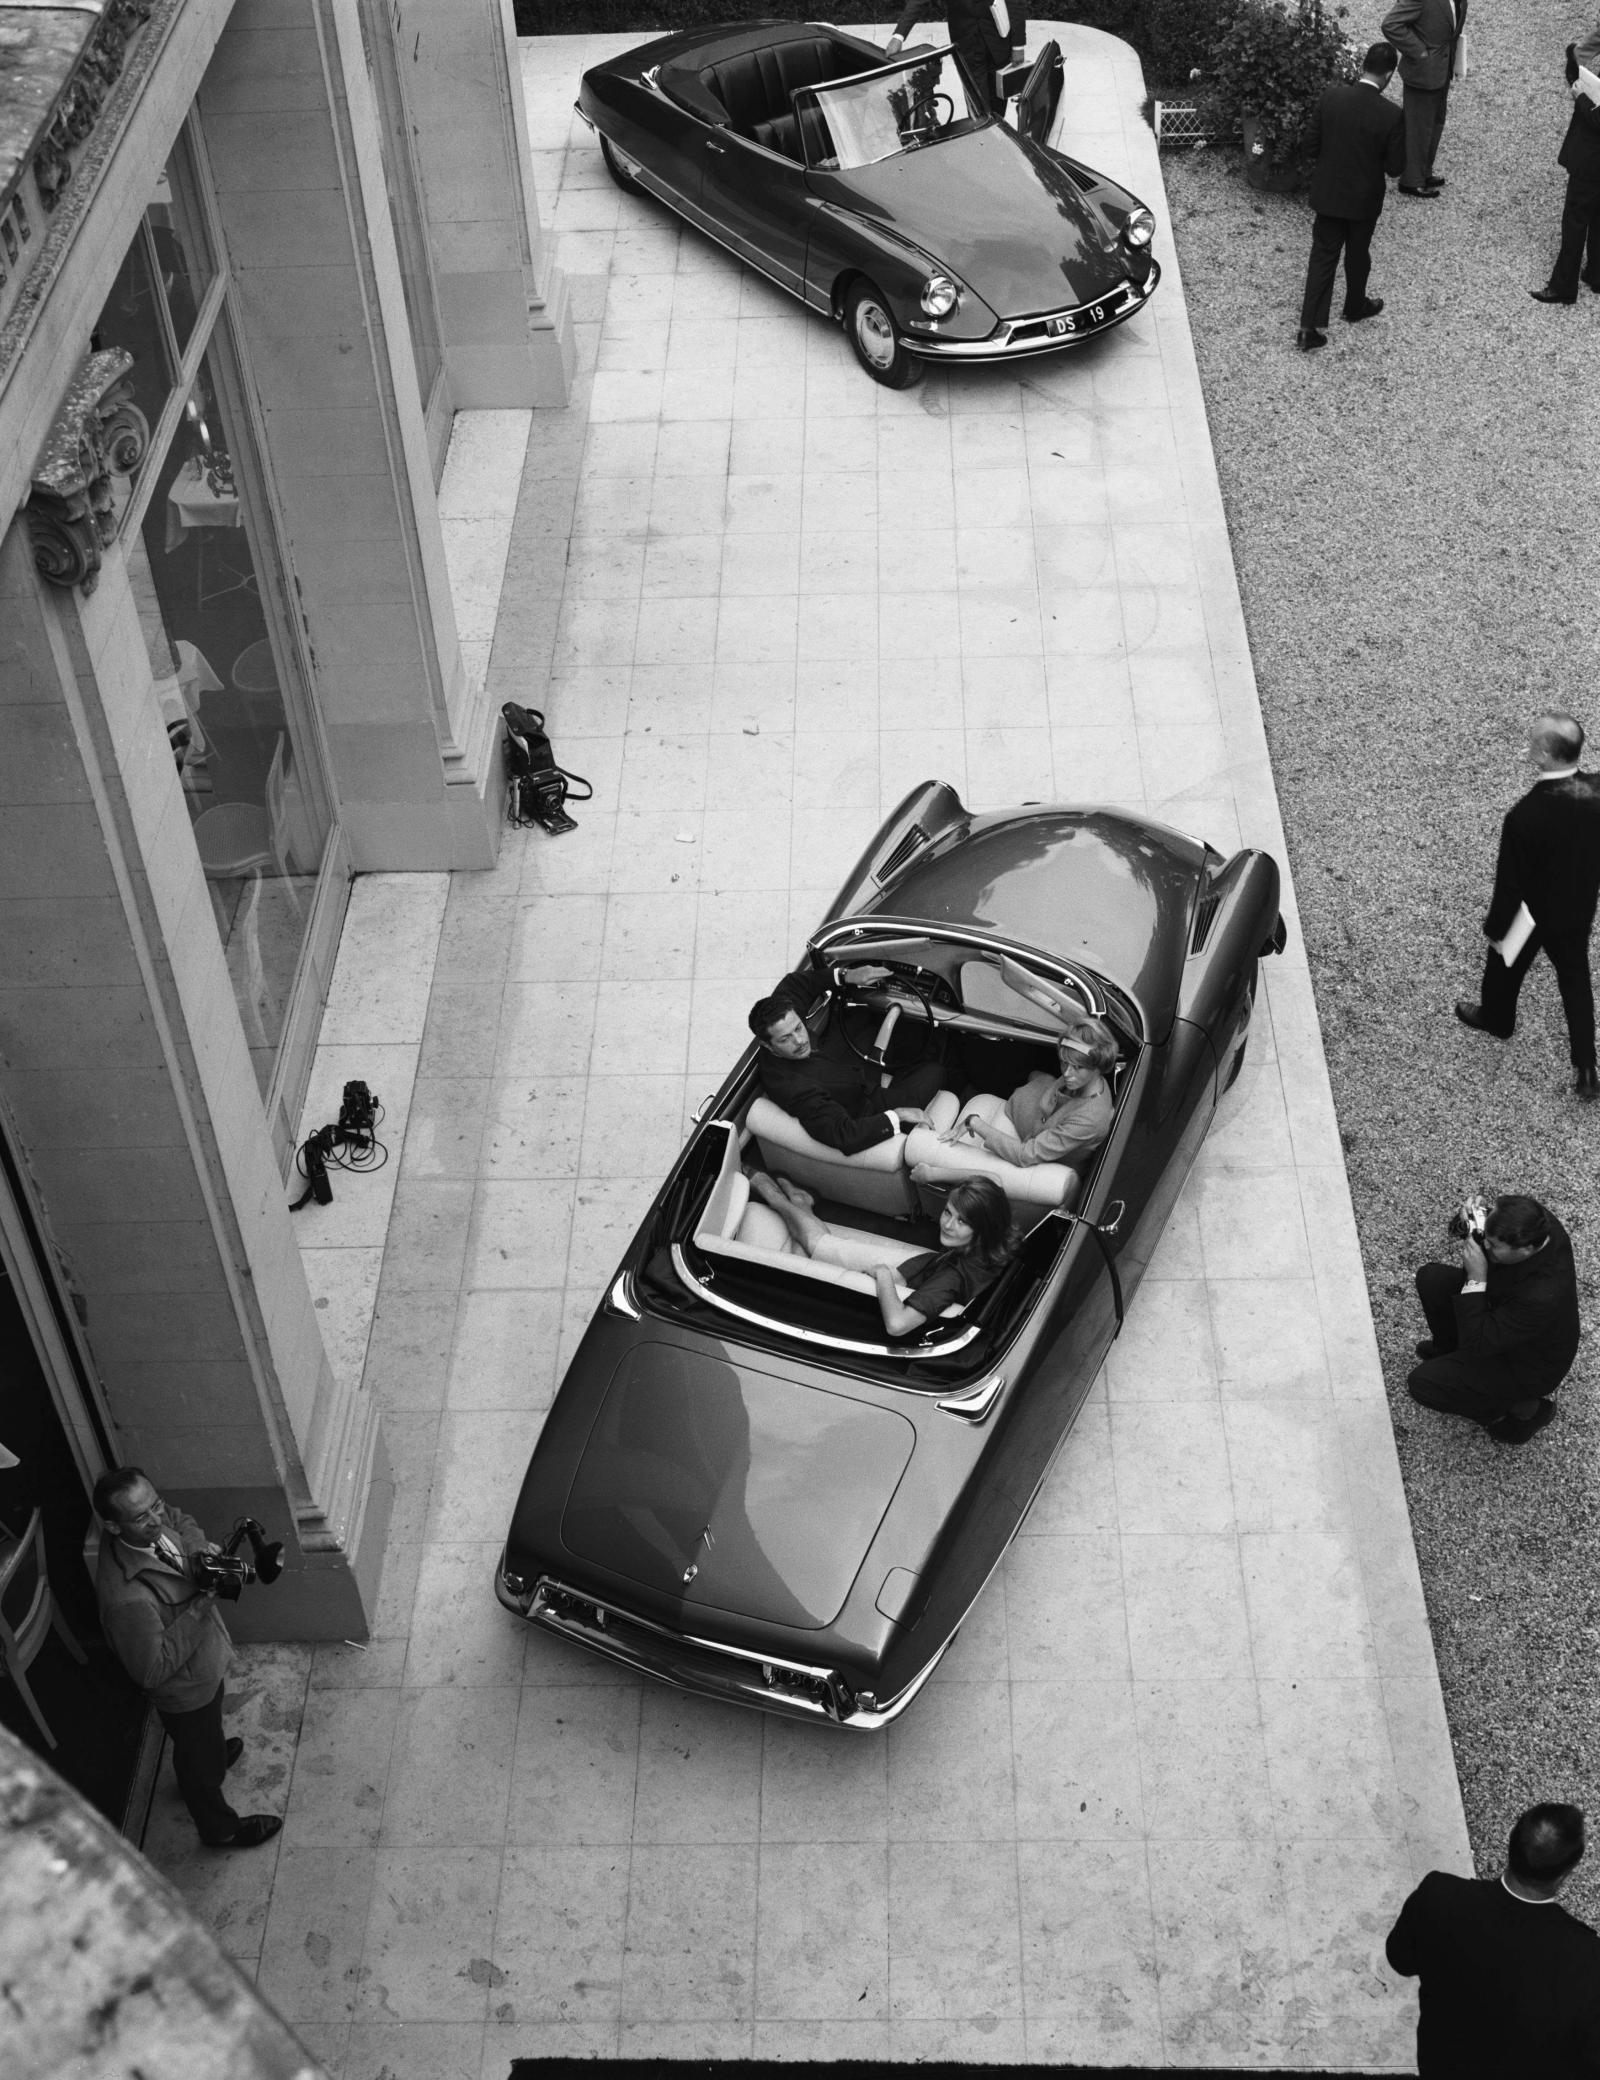 シトロエン DS 19 コンバーチブル - プレス発表会 - 1961年